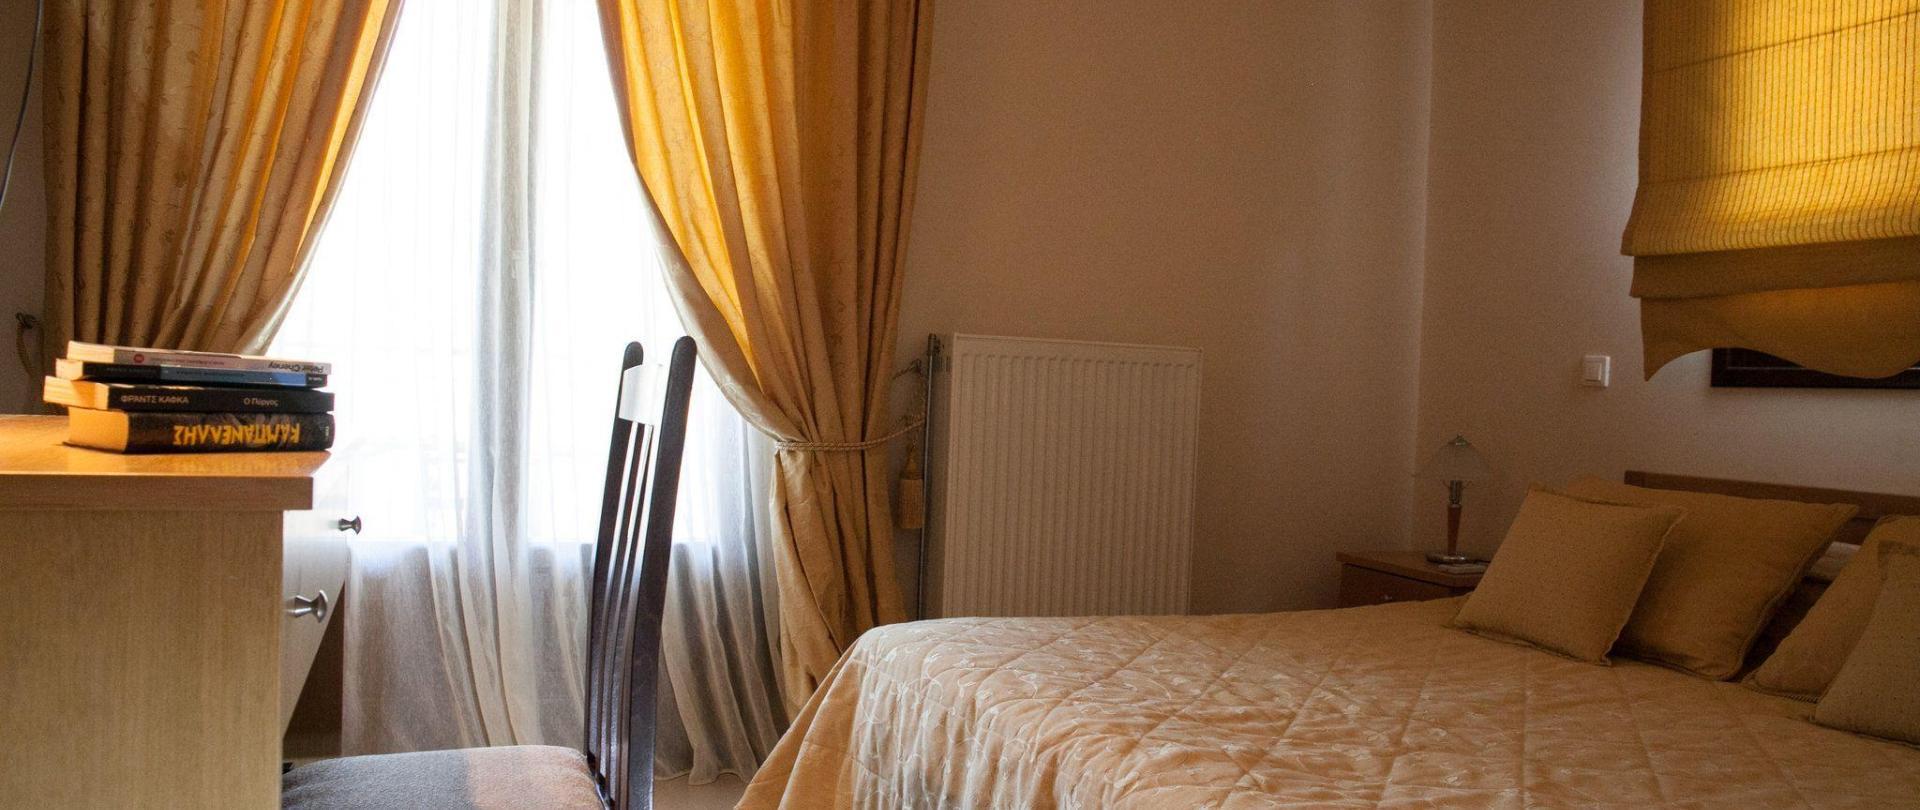 villas-107-of-110.jpg